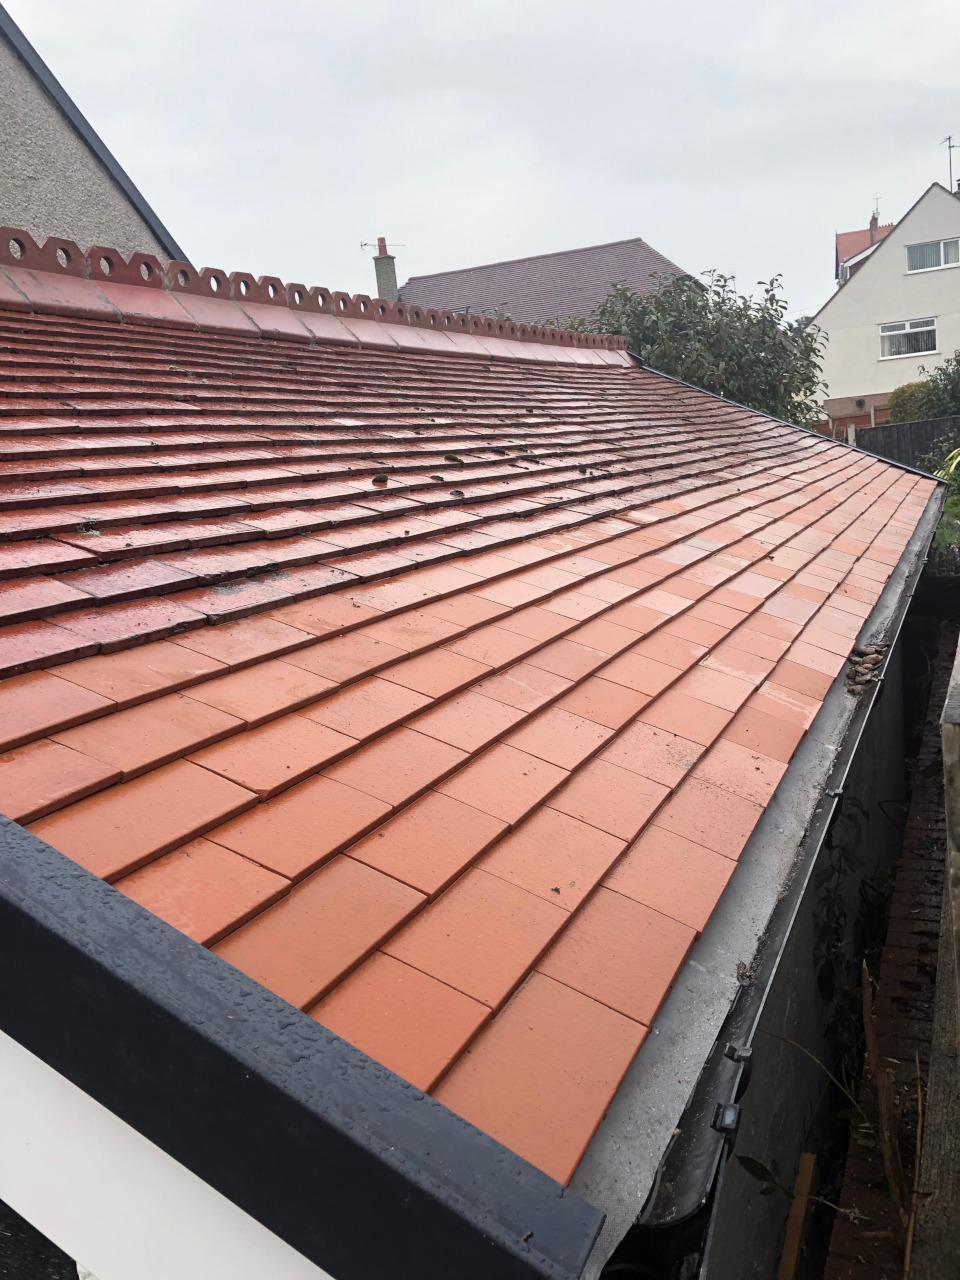 Colwyn Bay tiled roof repair.